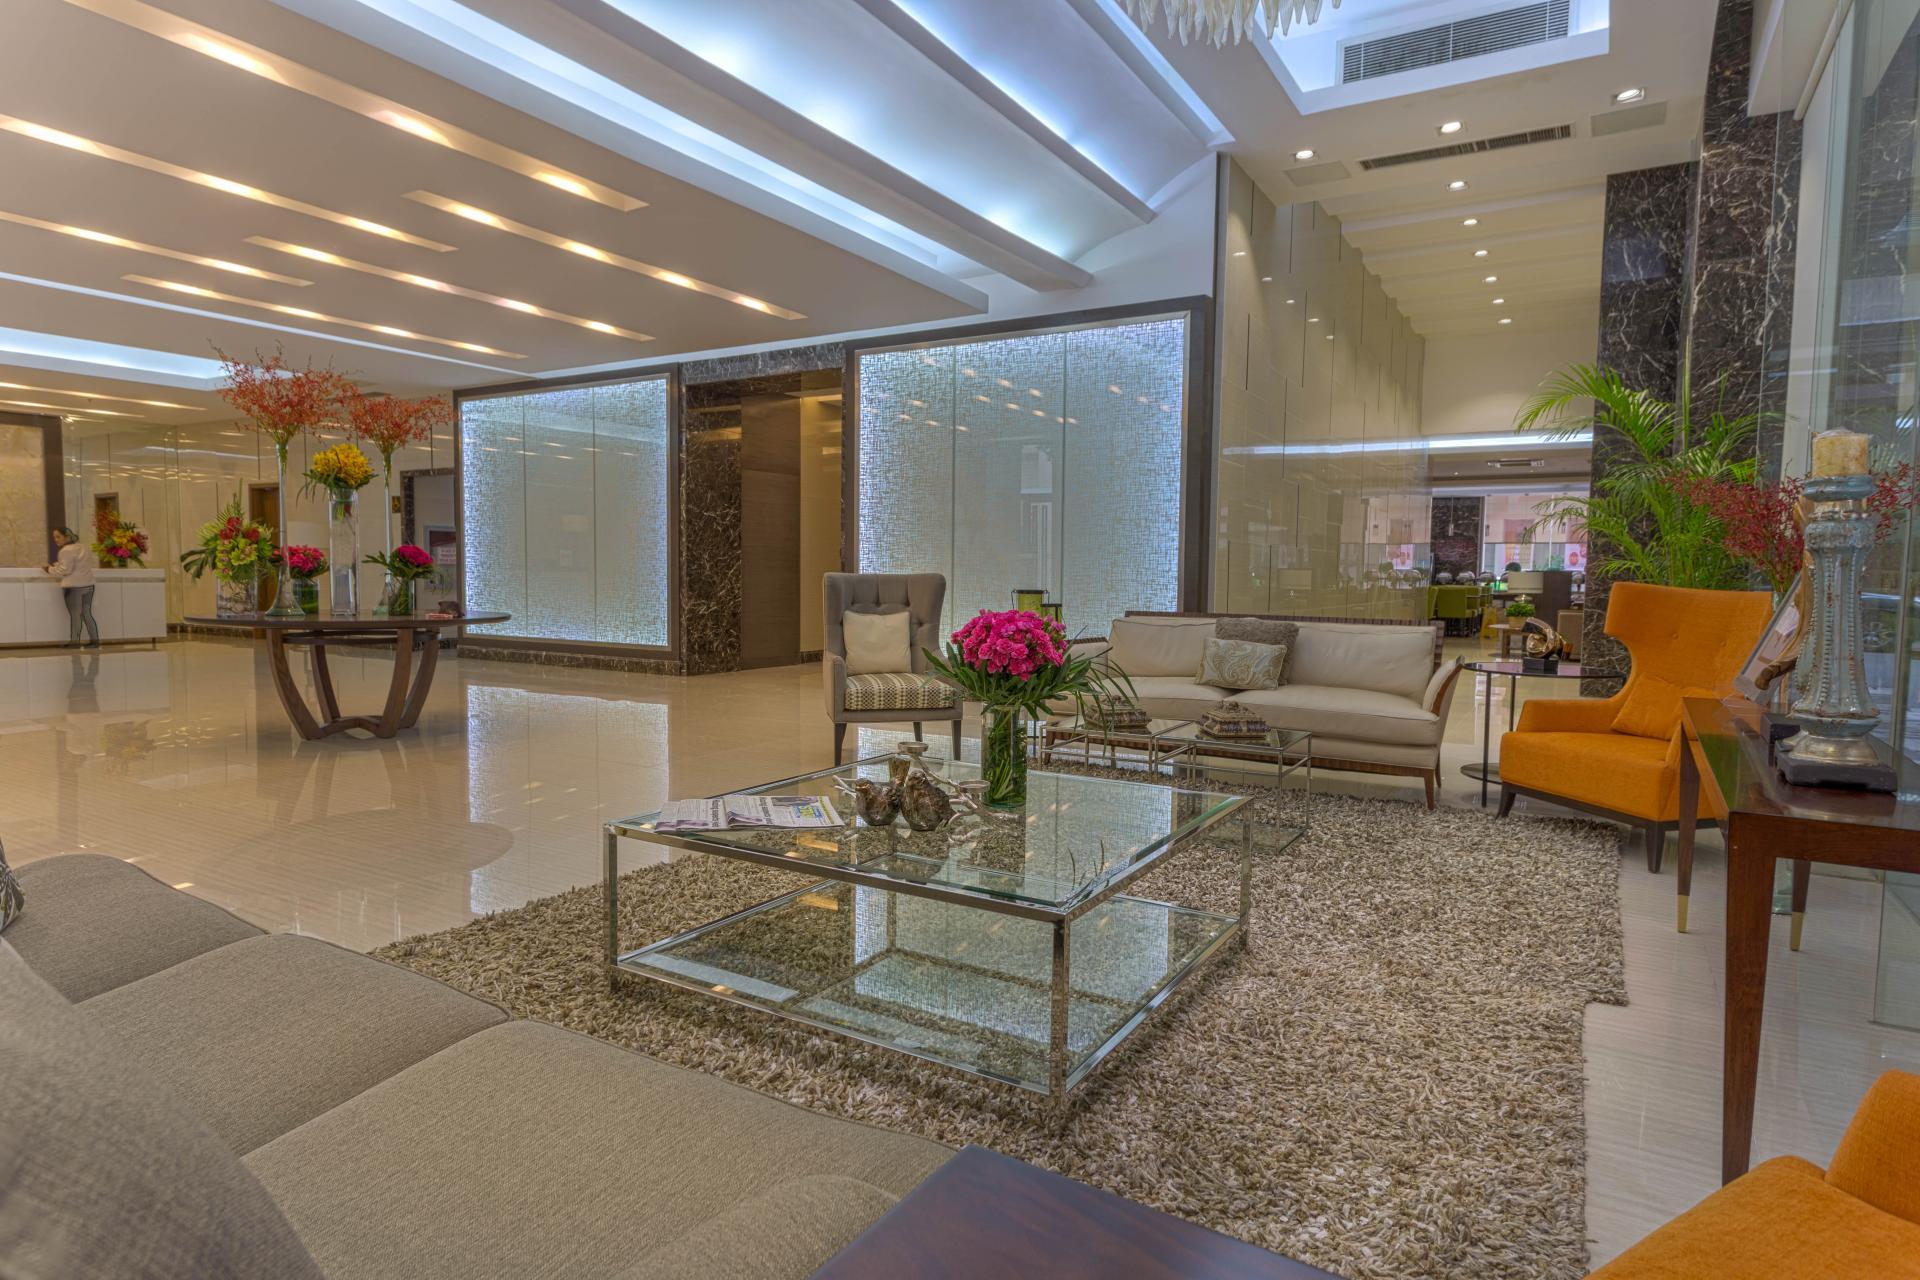 Lobby at Valero Grand Suites